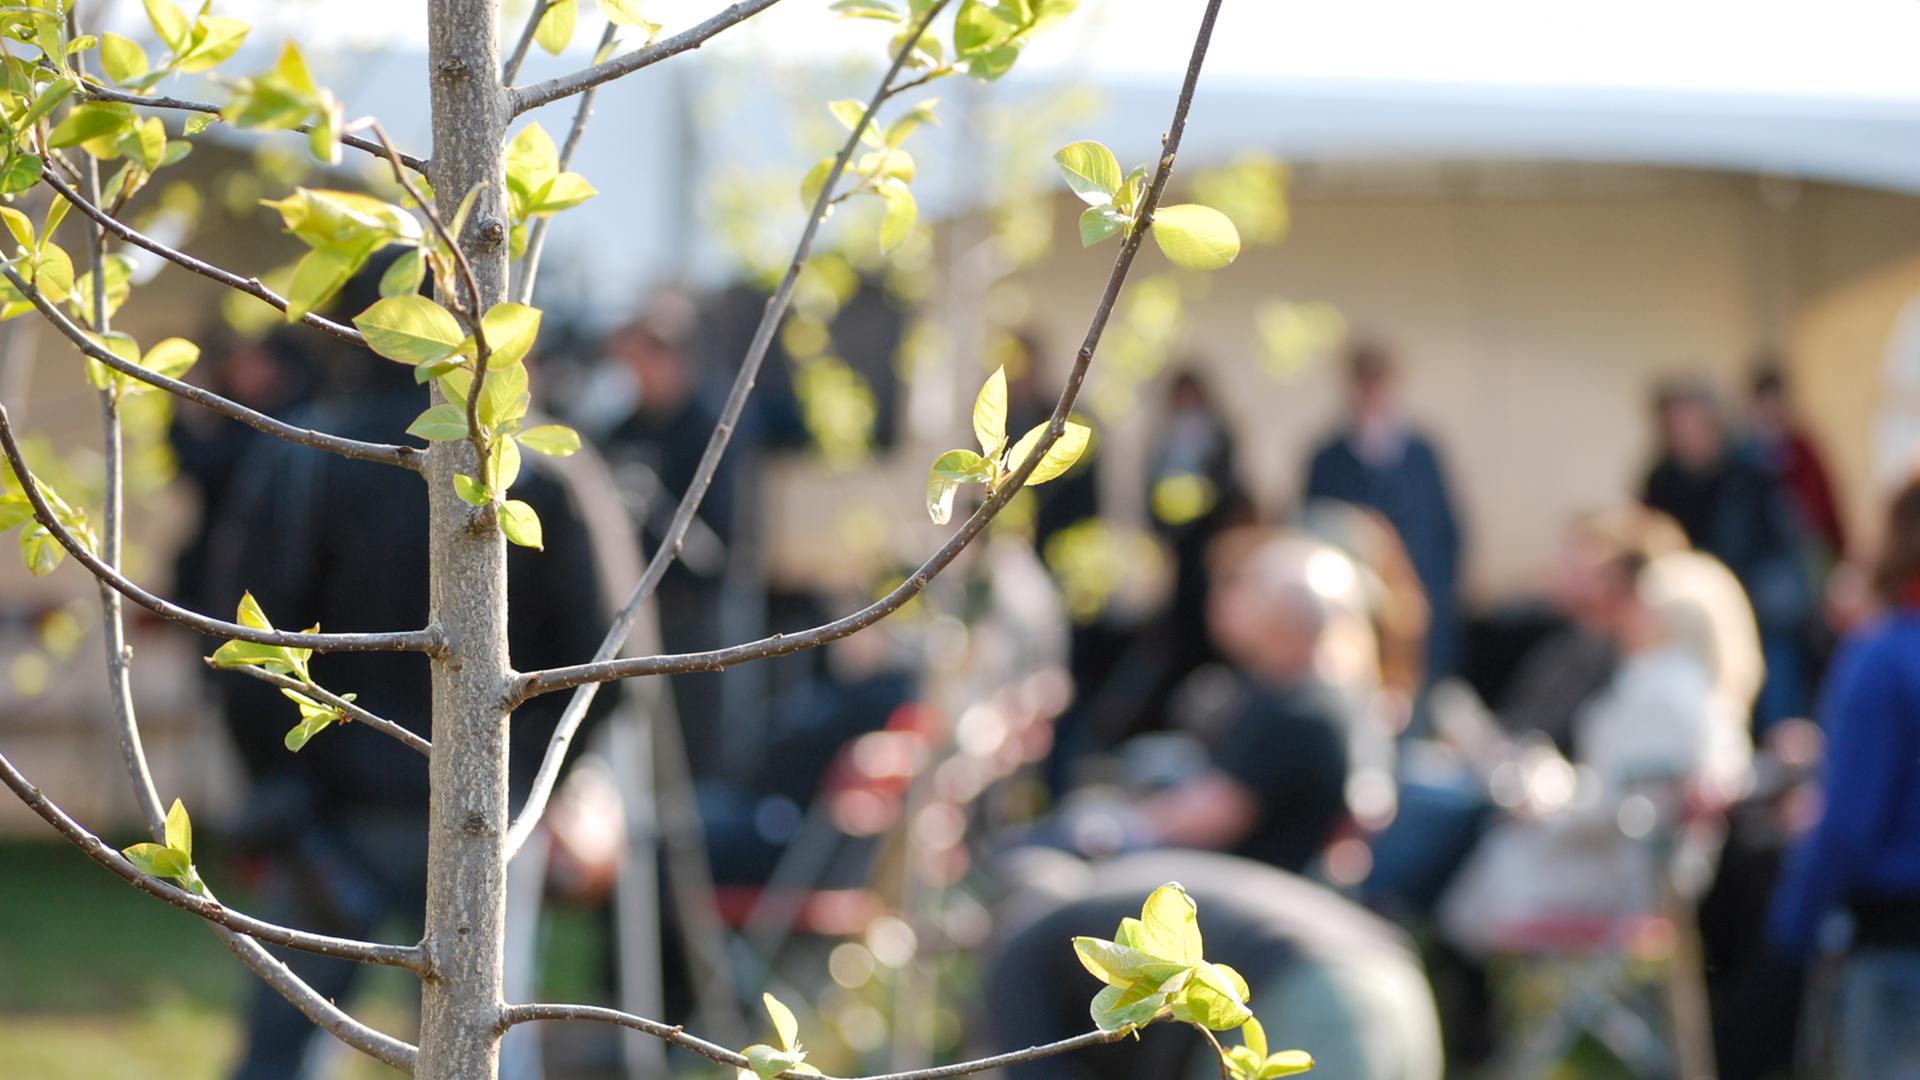 Les_fetes_de_quartiers_375000_arbres_celebration_jour_de_La_terre_quebec_22_avril